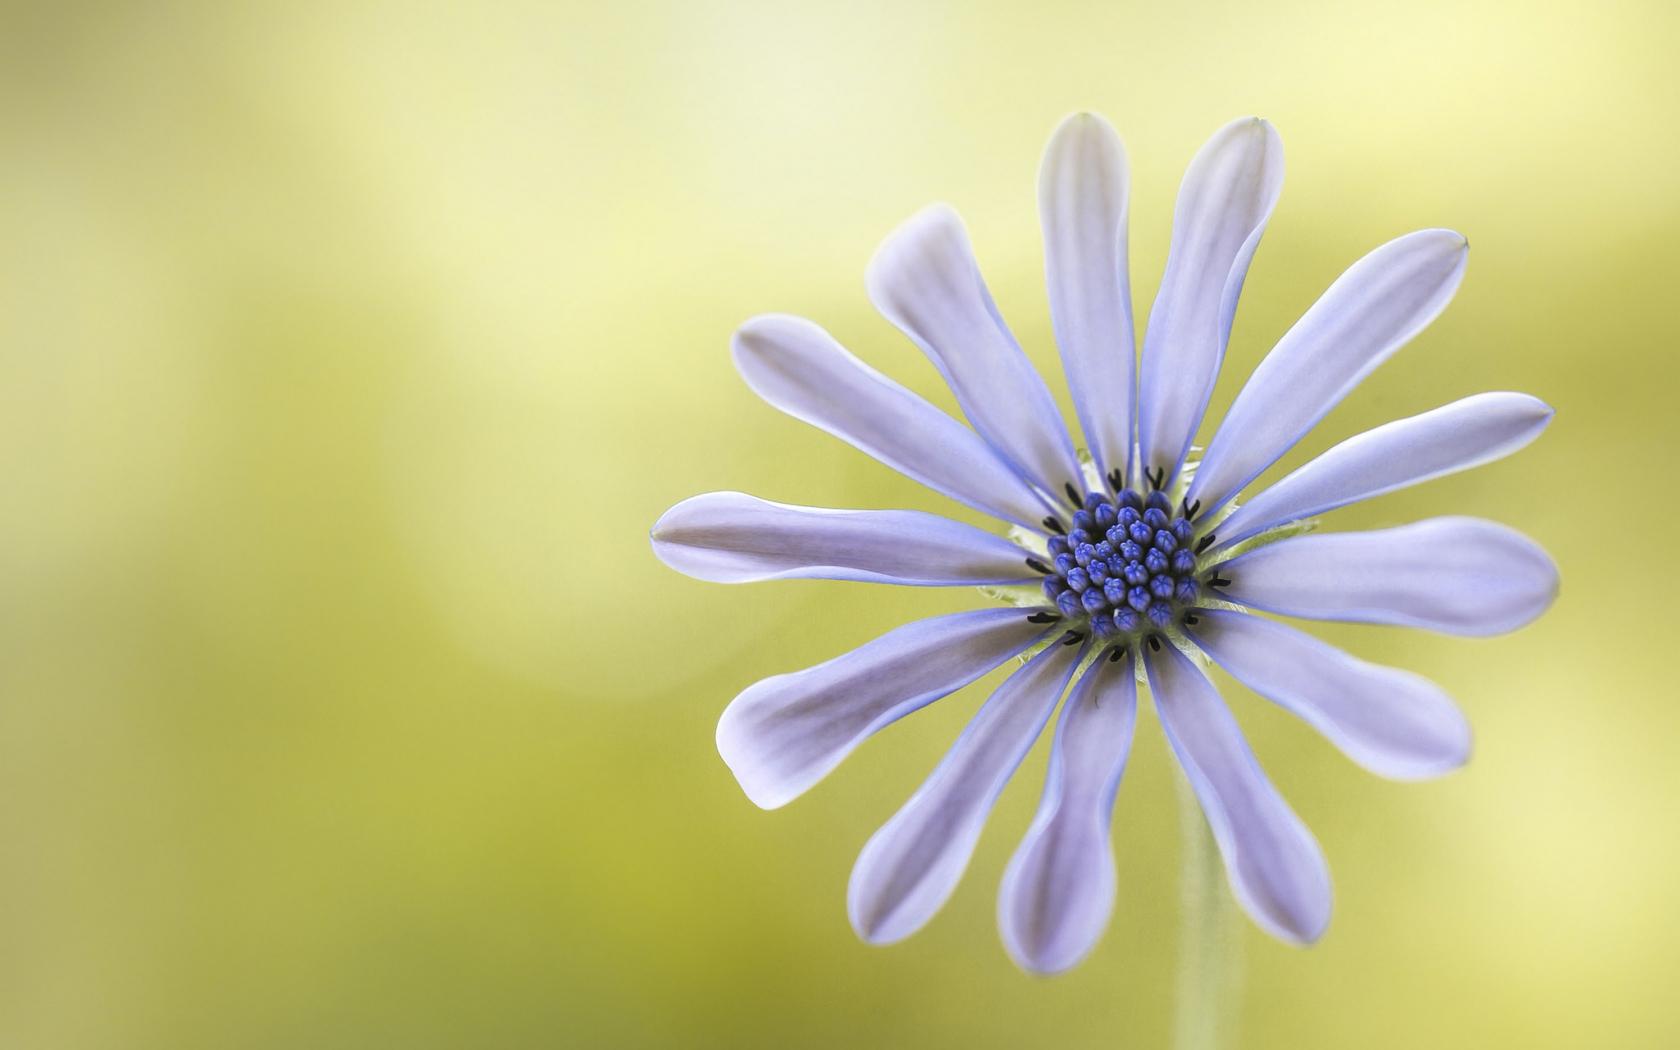 Flor púrpura - 1680x1050